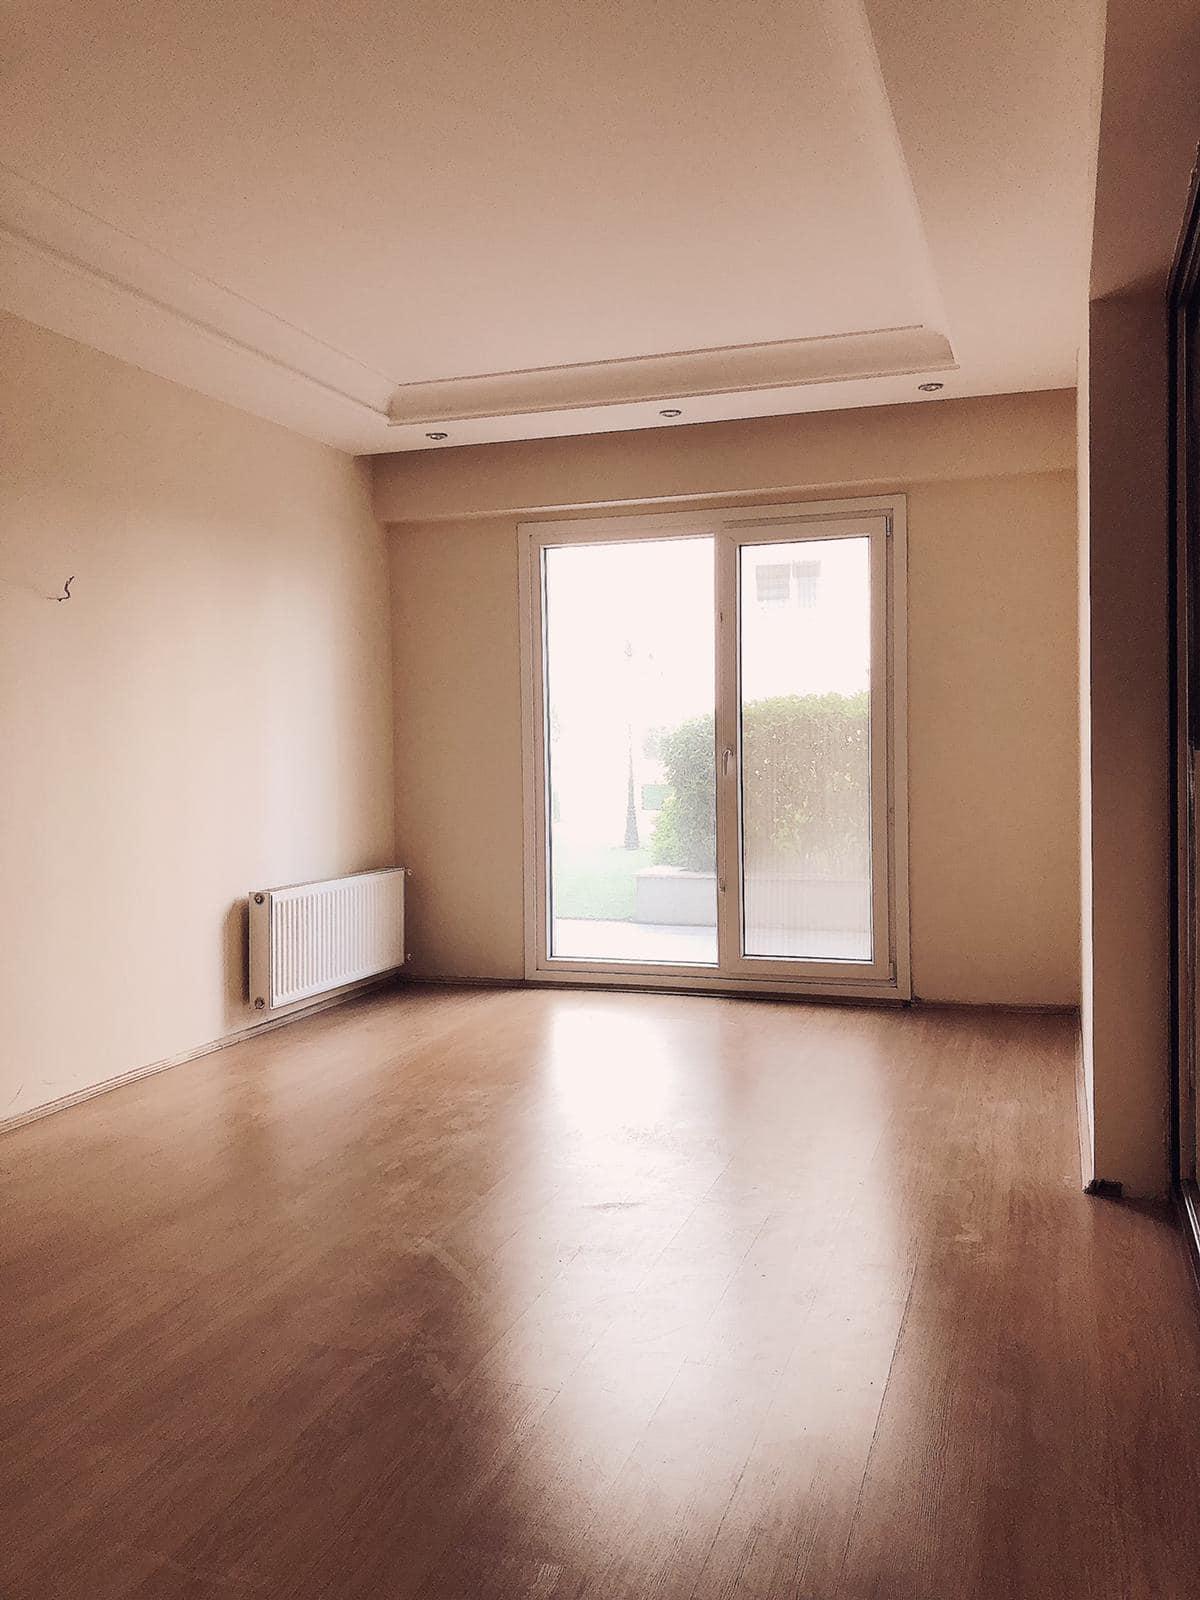 شقة في اسنيورت خلف البلدية 2+1